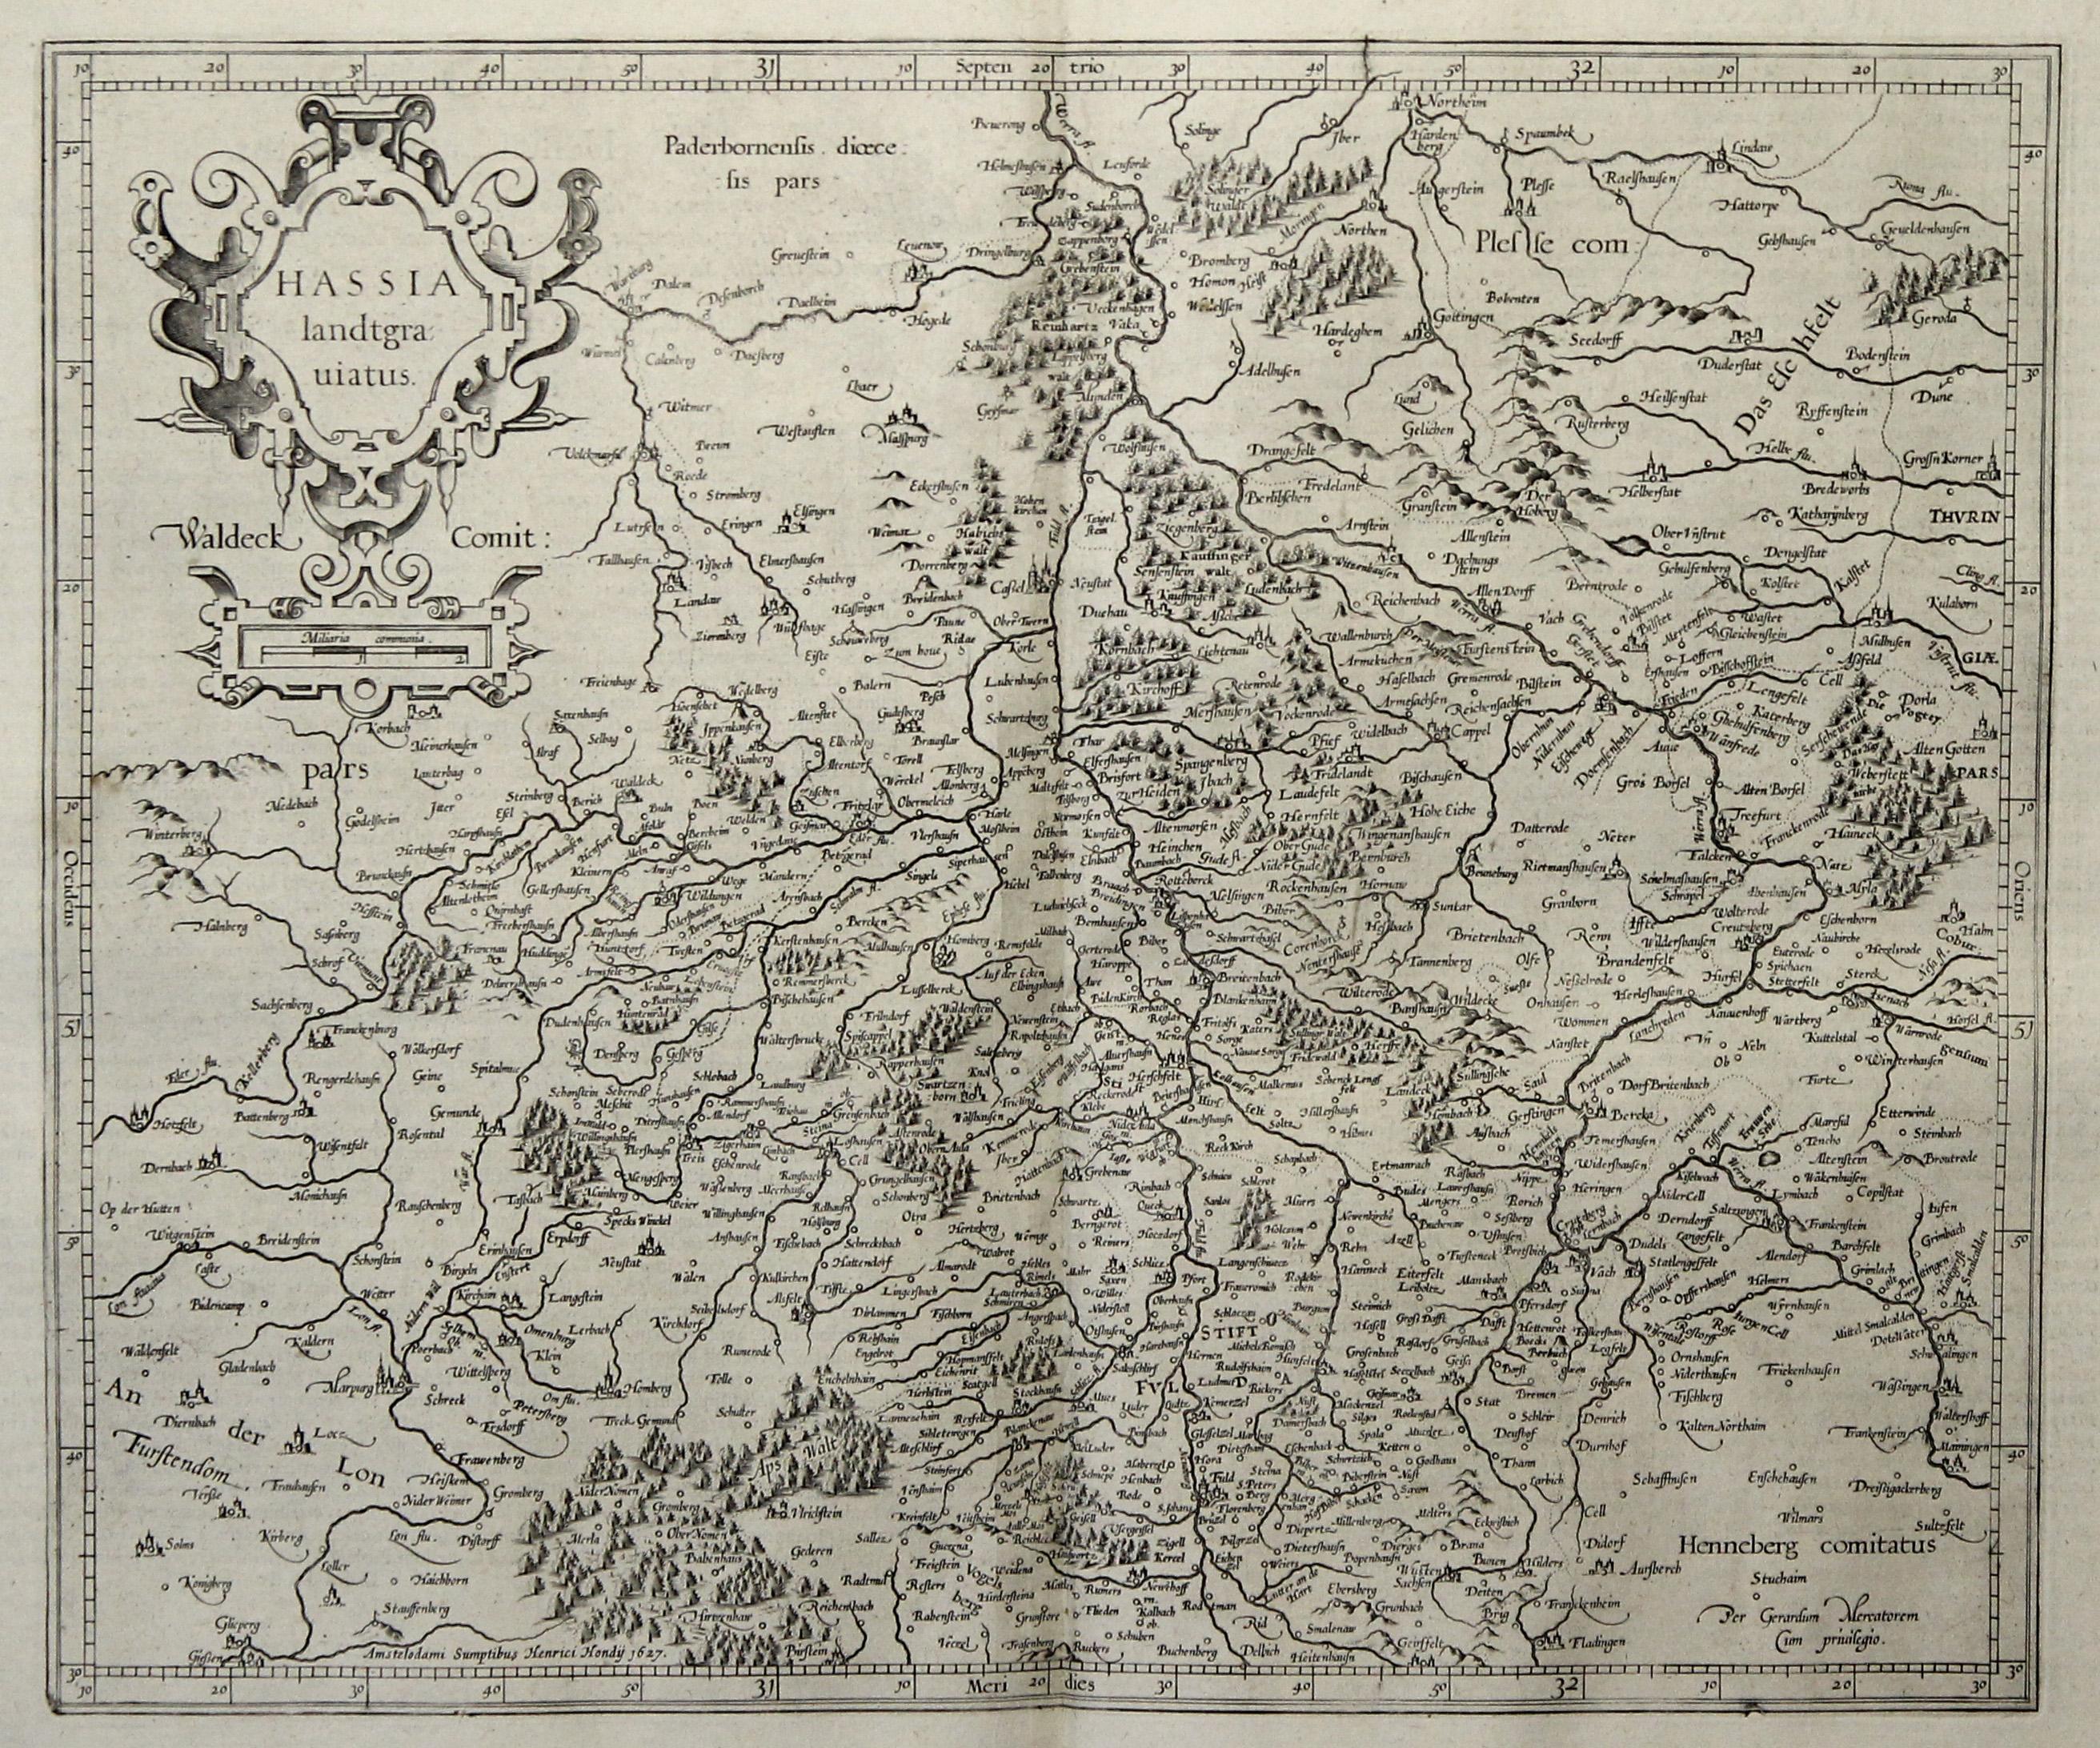 Kst.- Karte, n. Mercator b. H. Hondius,: Nordhessen: